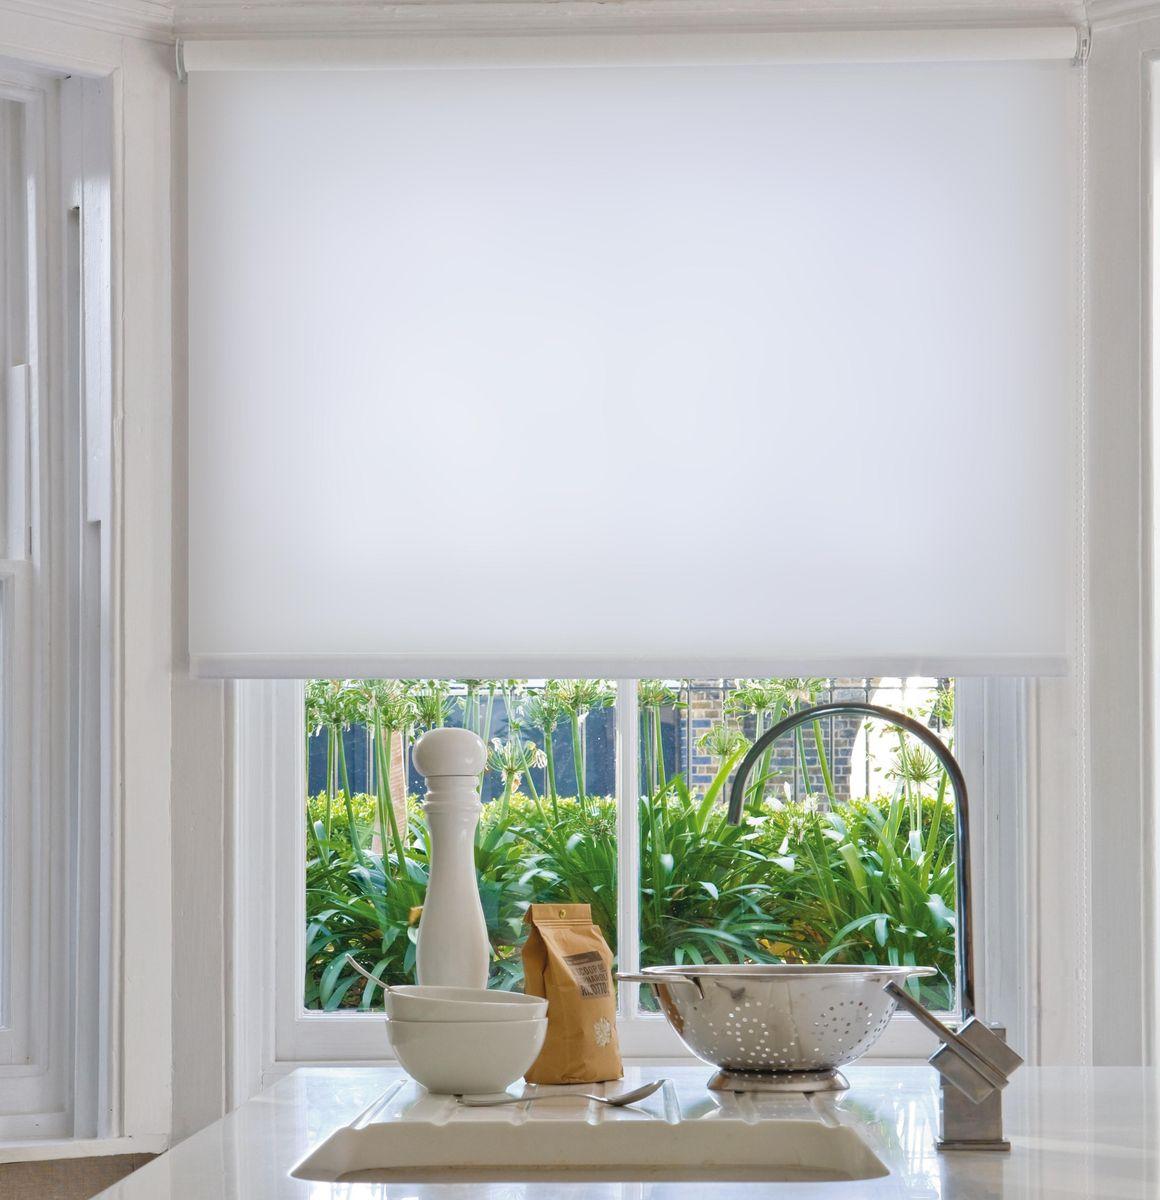 Штора рулонная Эскар, цвет: белый, ширина 150 см, высота 170 см8008150170Рулонными шторами можно оформлять окна как самостоятельно, так и использовать в комбинации с портьерами. Это поможет предотвратить выгорание дорогой ткани на солнце и соединит функционал рулонных с красотой навесных.Преимущества применения рулонных штор для пластиковых окон:- имеют прекрасный внешний вид: многообразие и фактурность материала изделия отлично смотрятся в любом интерьере; - многофункциональны: есть возможность подобрать шторы способные эффективно защитить комнату от солнца, при этом о на не будет слишком темной. - Есть возможность осуществить быстрый монтаж. ВНИМАНИЕ! Размеры ширины изделия указаны по ширине ткани!Во время эксплуатации не рекомендуется полностью разматывать рулон, чтобы не оторвать ткань от намоточного вала.В случае загрязнения поверхности ткани, чистку шторы проводят одним из способов, в зависимости от типа загрязнения: легкое поверхностное загрязнение можно удалить при помощи канцелярского ластика; чистка от пыли производится сухим методом при помощи пылесоса с мягкой щеткой-насадкой; для удаления пятна используйте мягкую губку с пенообразующим неагрессивным моющим средством или пятновыводитель на натуральной основе (нельзя применять растворители).